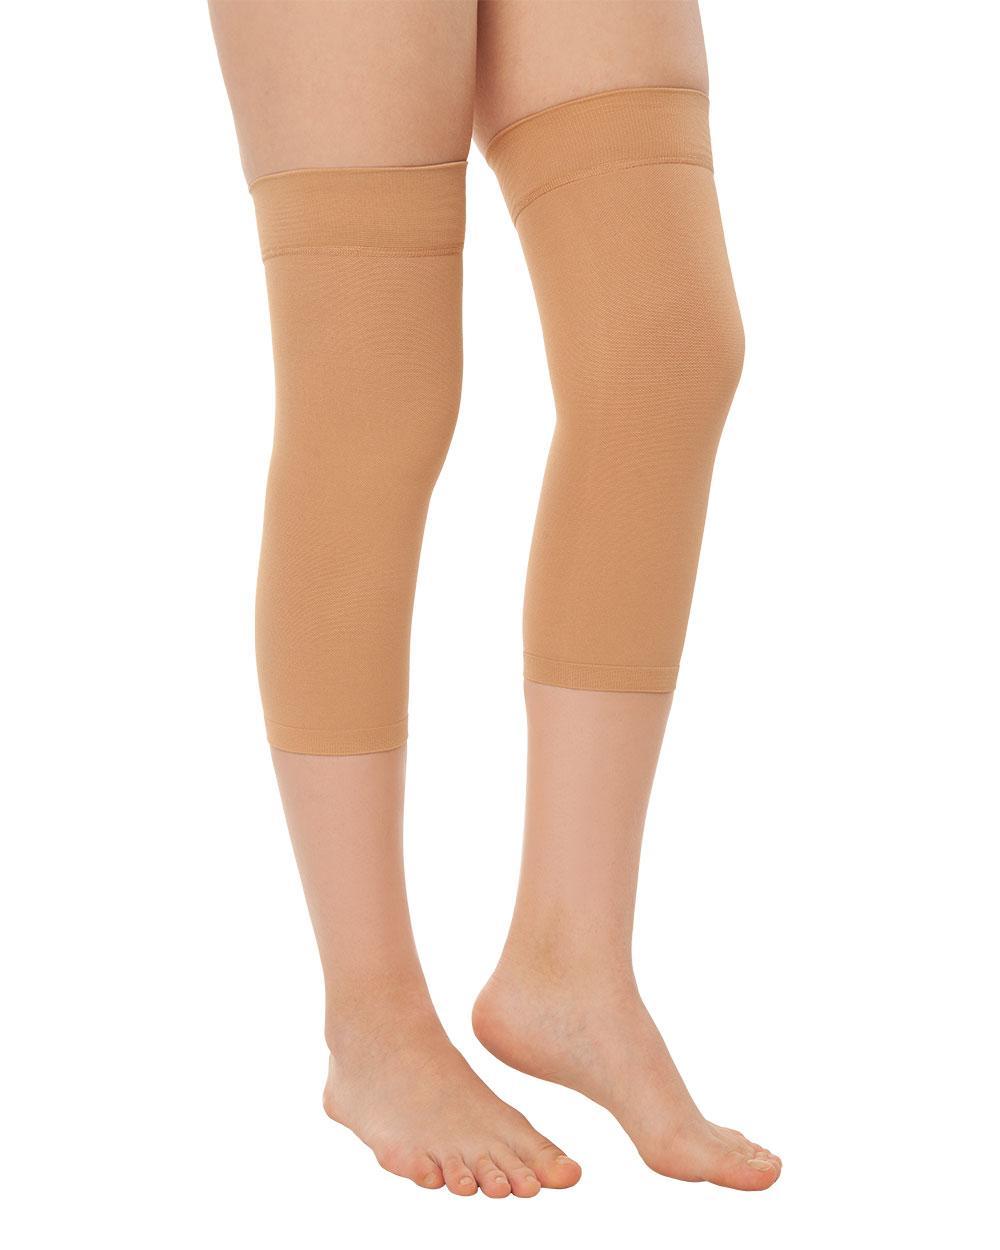 Антиварикозний бандаж на коліно Variteks 2 клас компресії